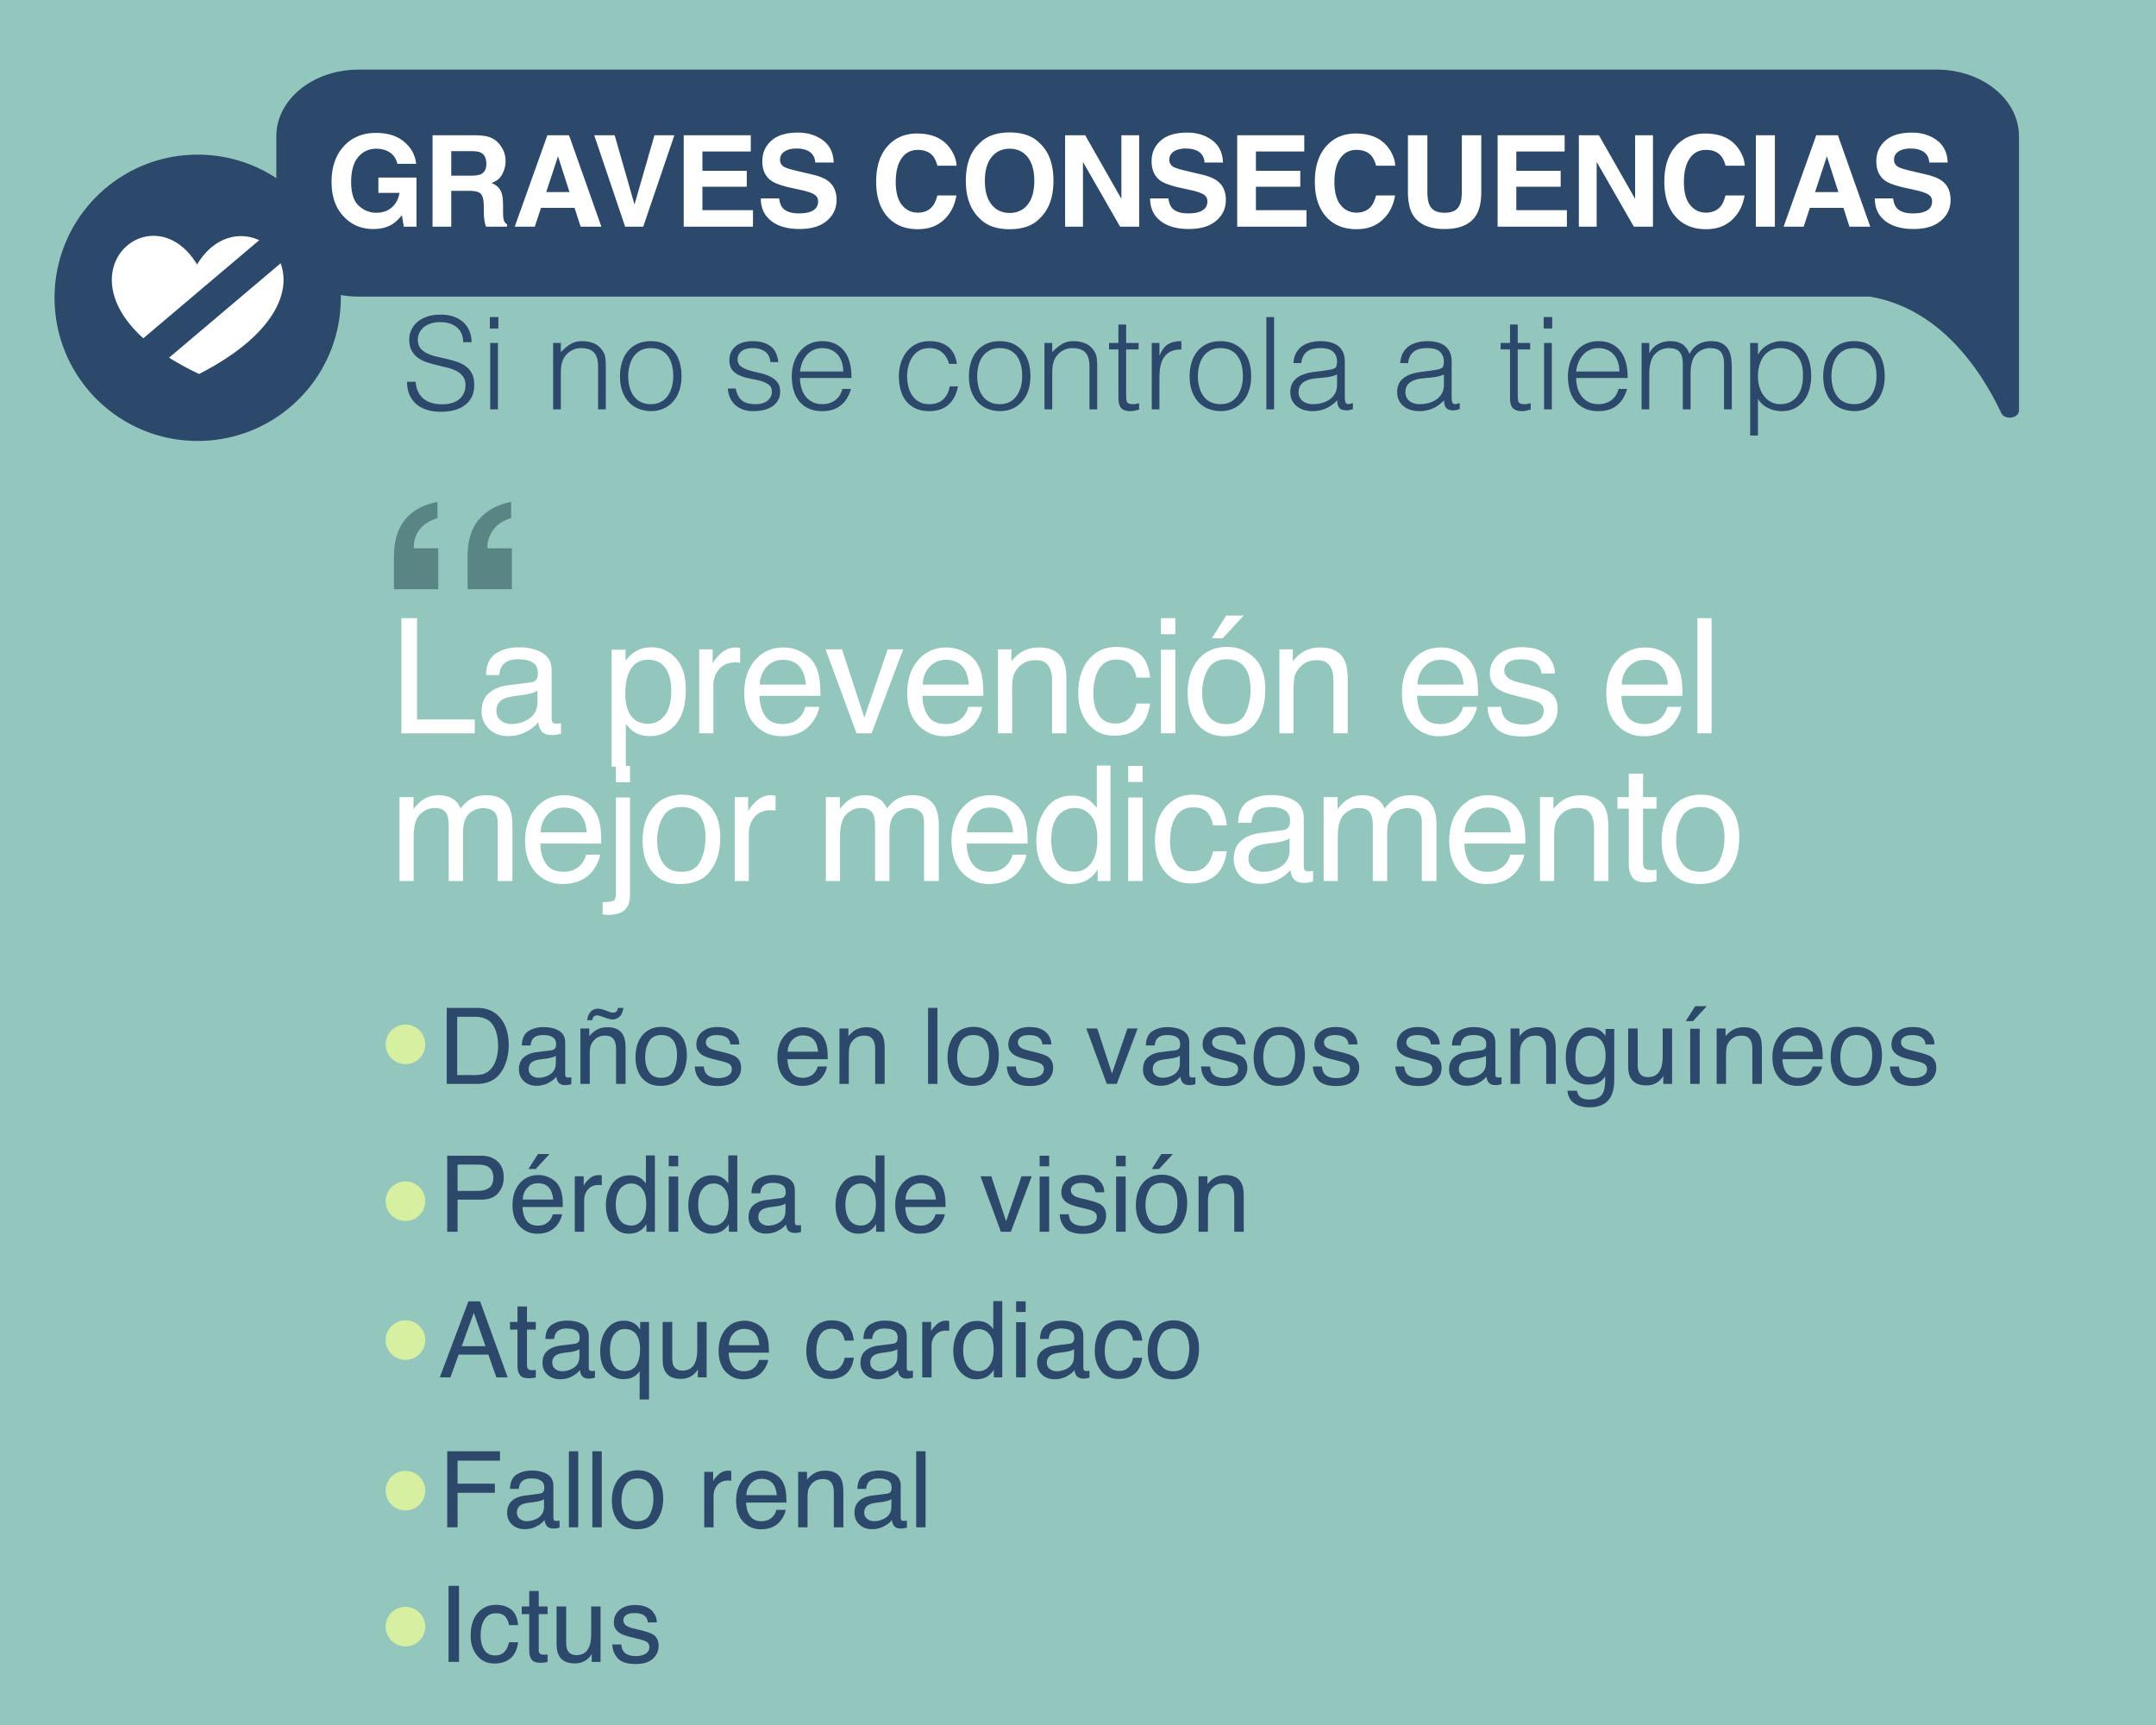 graves consecuencias. prevención de hipertensión